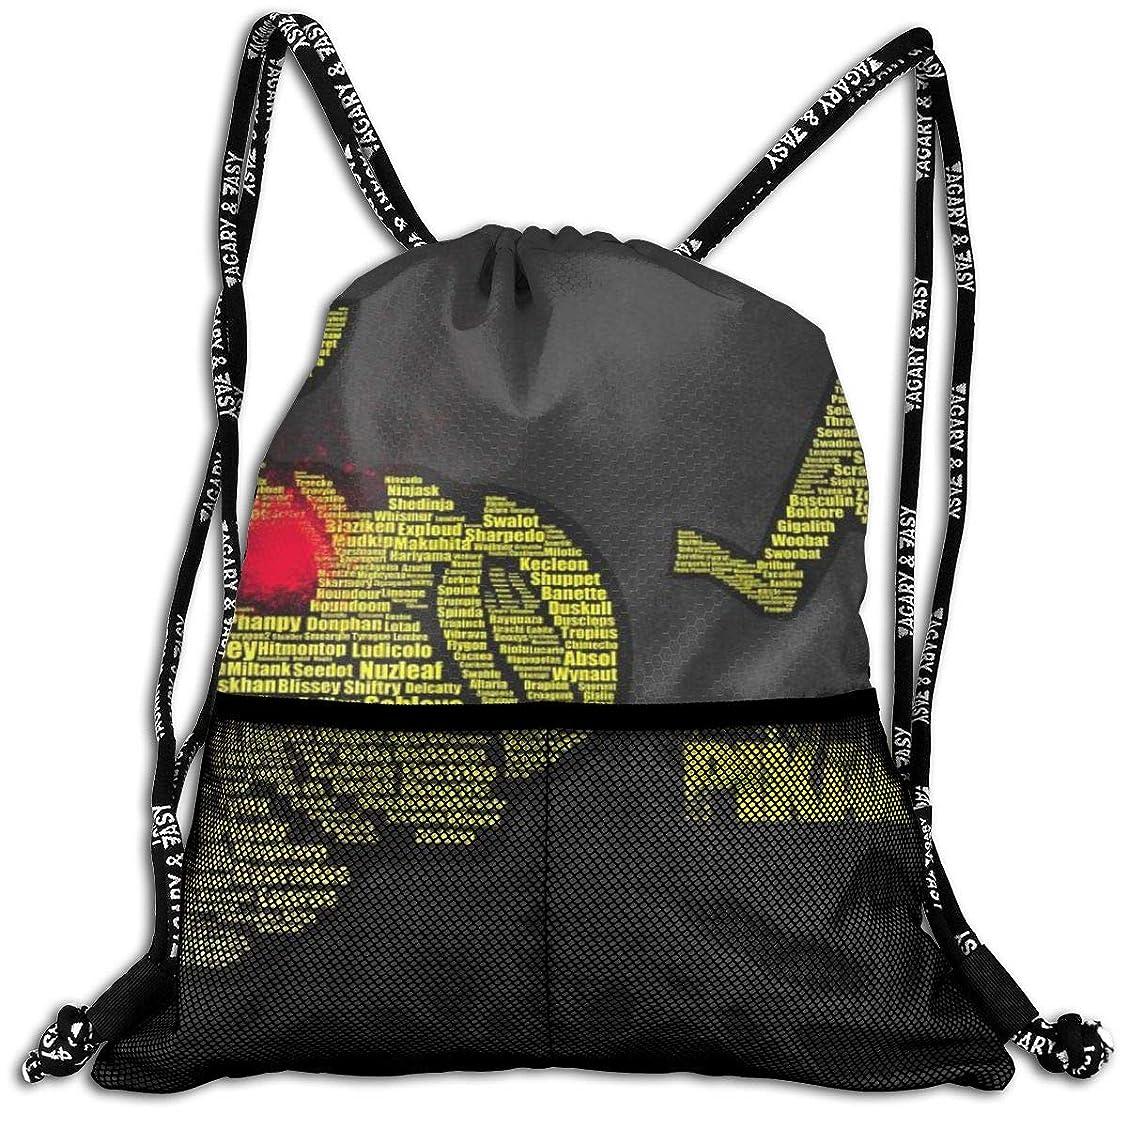 願うご予約出くわすPokemon ジムサック?ナップサック スポーツバックスポーツ用バッグ バックパック 超軽量 運動/旅行/部活用 男女兼用 収納 折りたたみ フィットネスバッグ